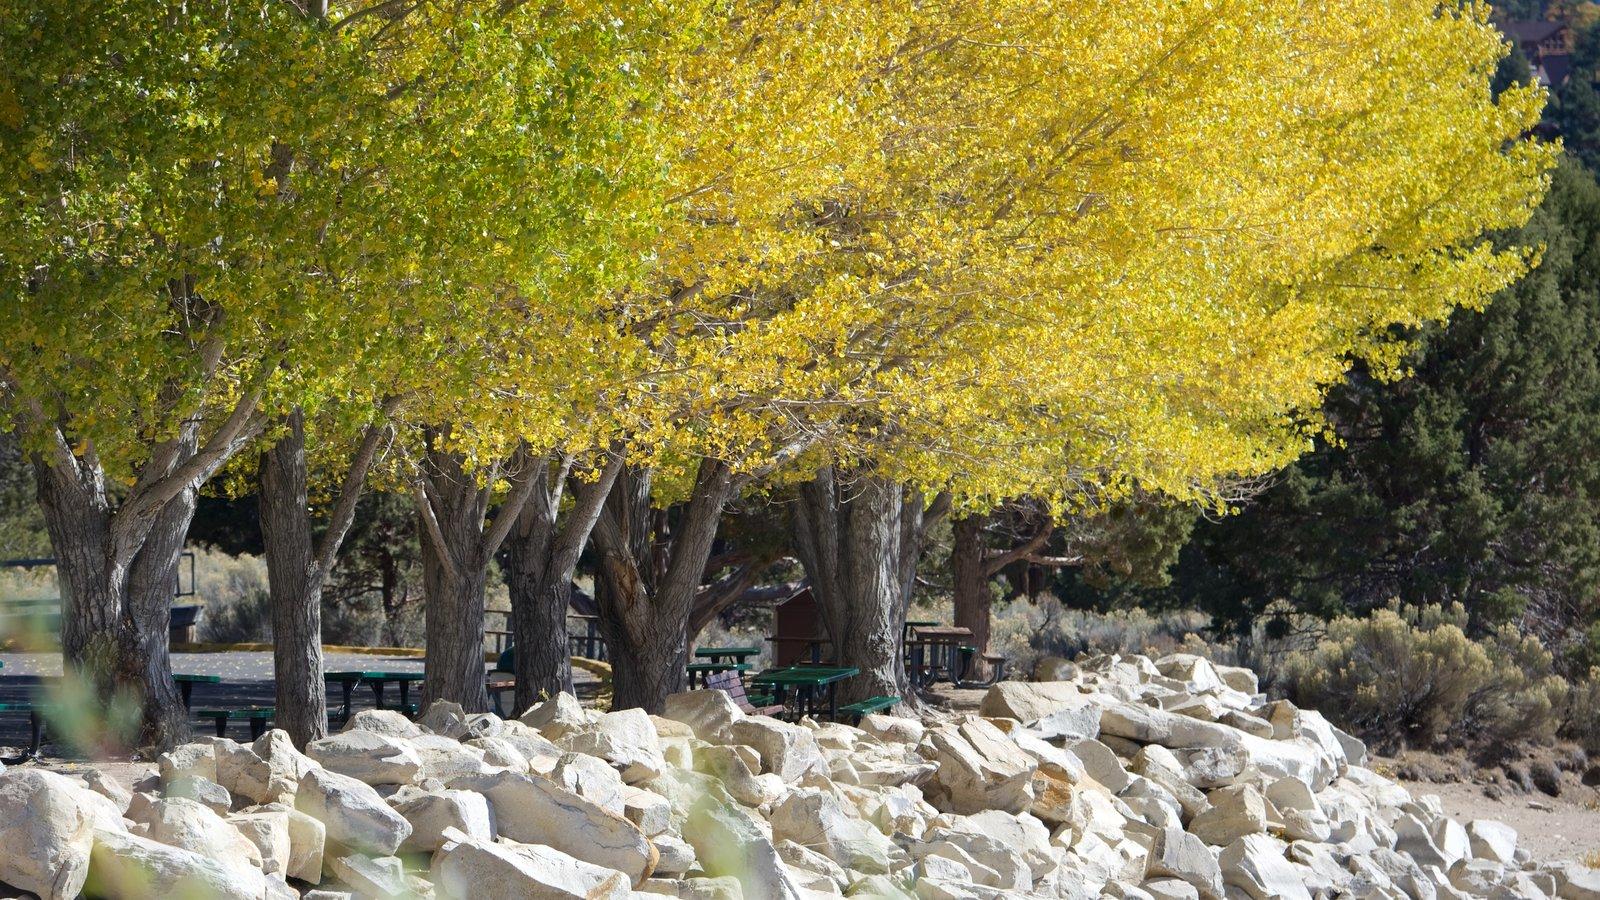 Big Bear Lake mostrando folhas de outono e um parque